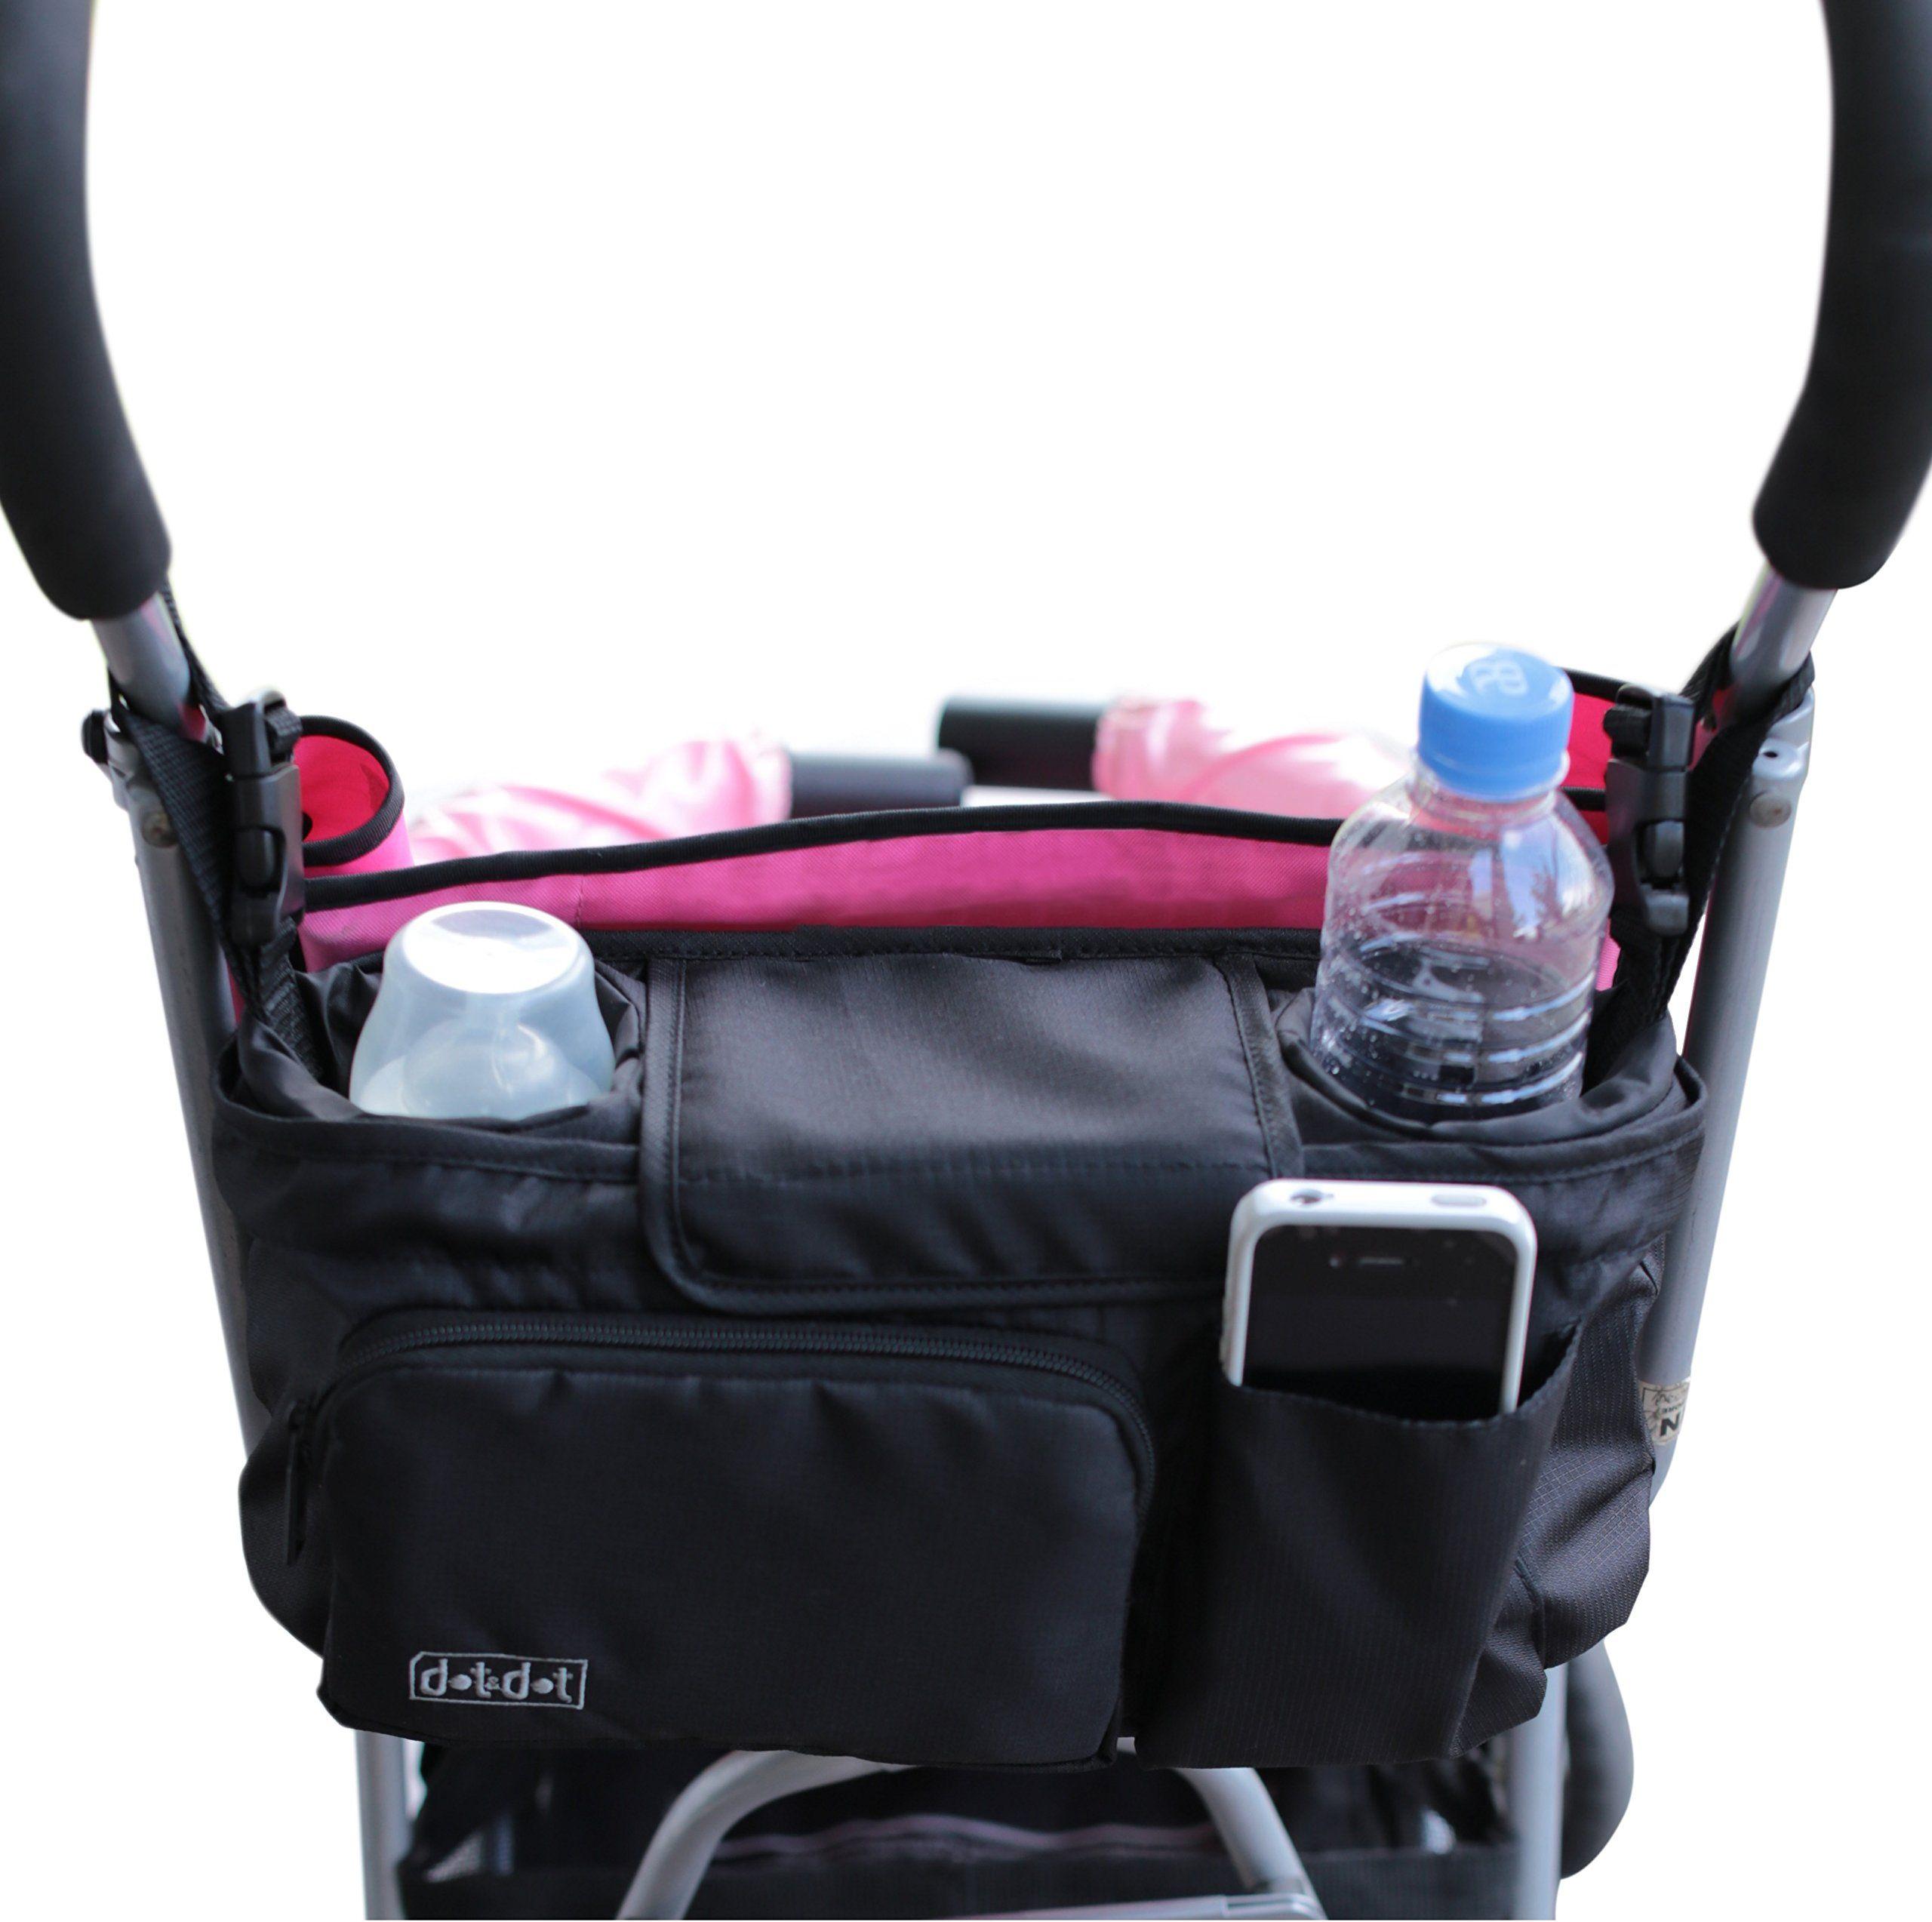 Stroller Organizer PLUS Hooks for Strollers